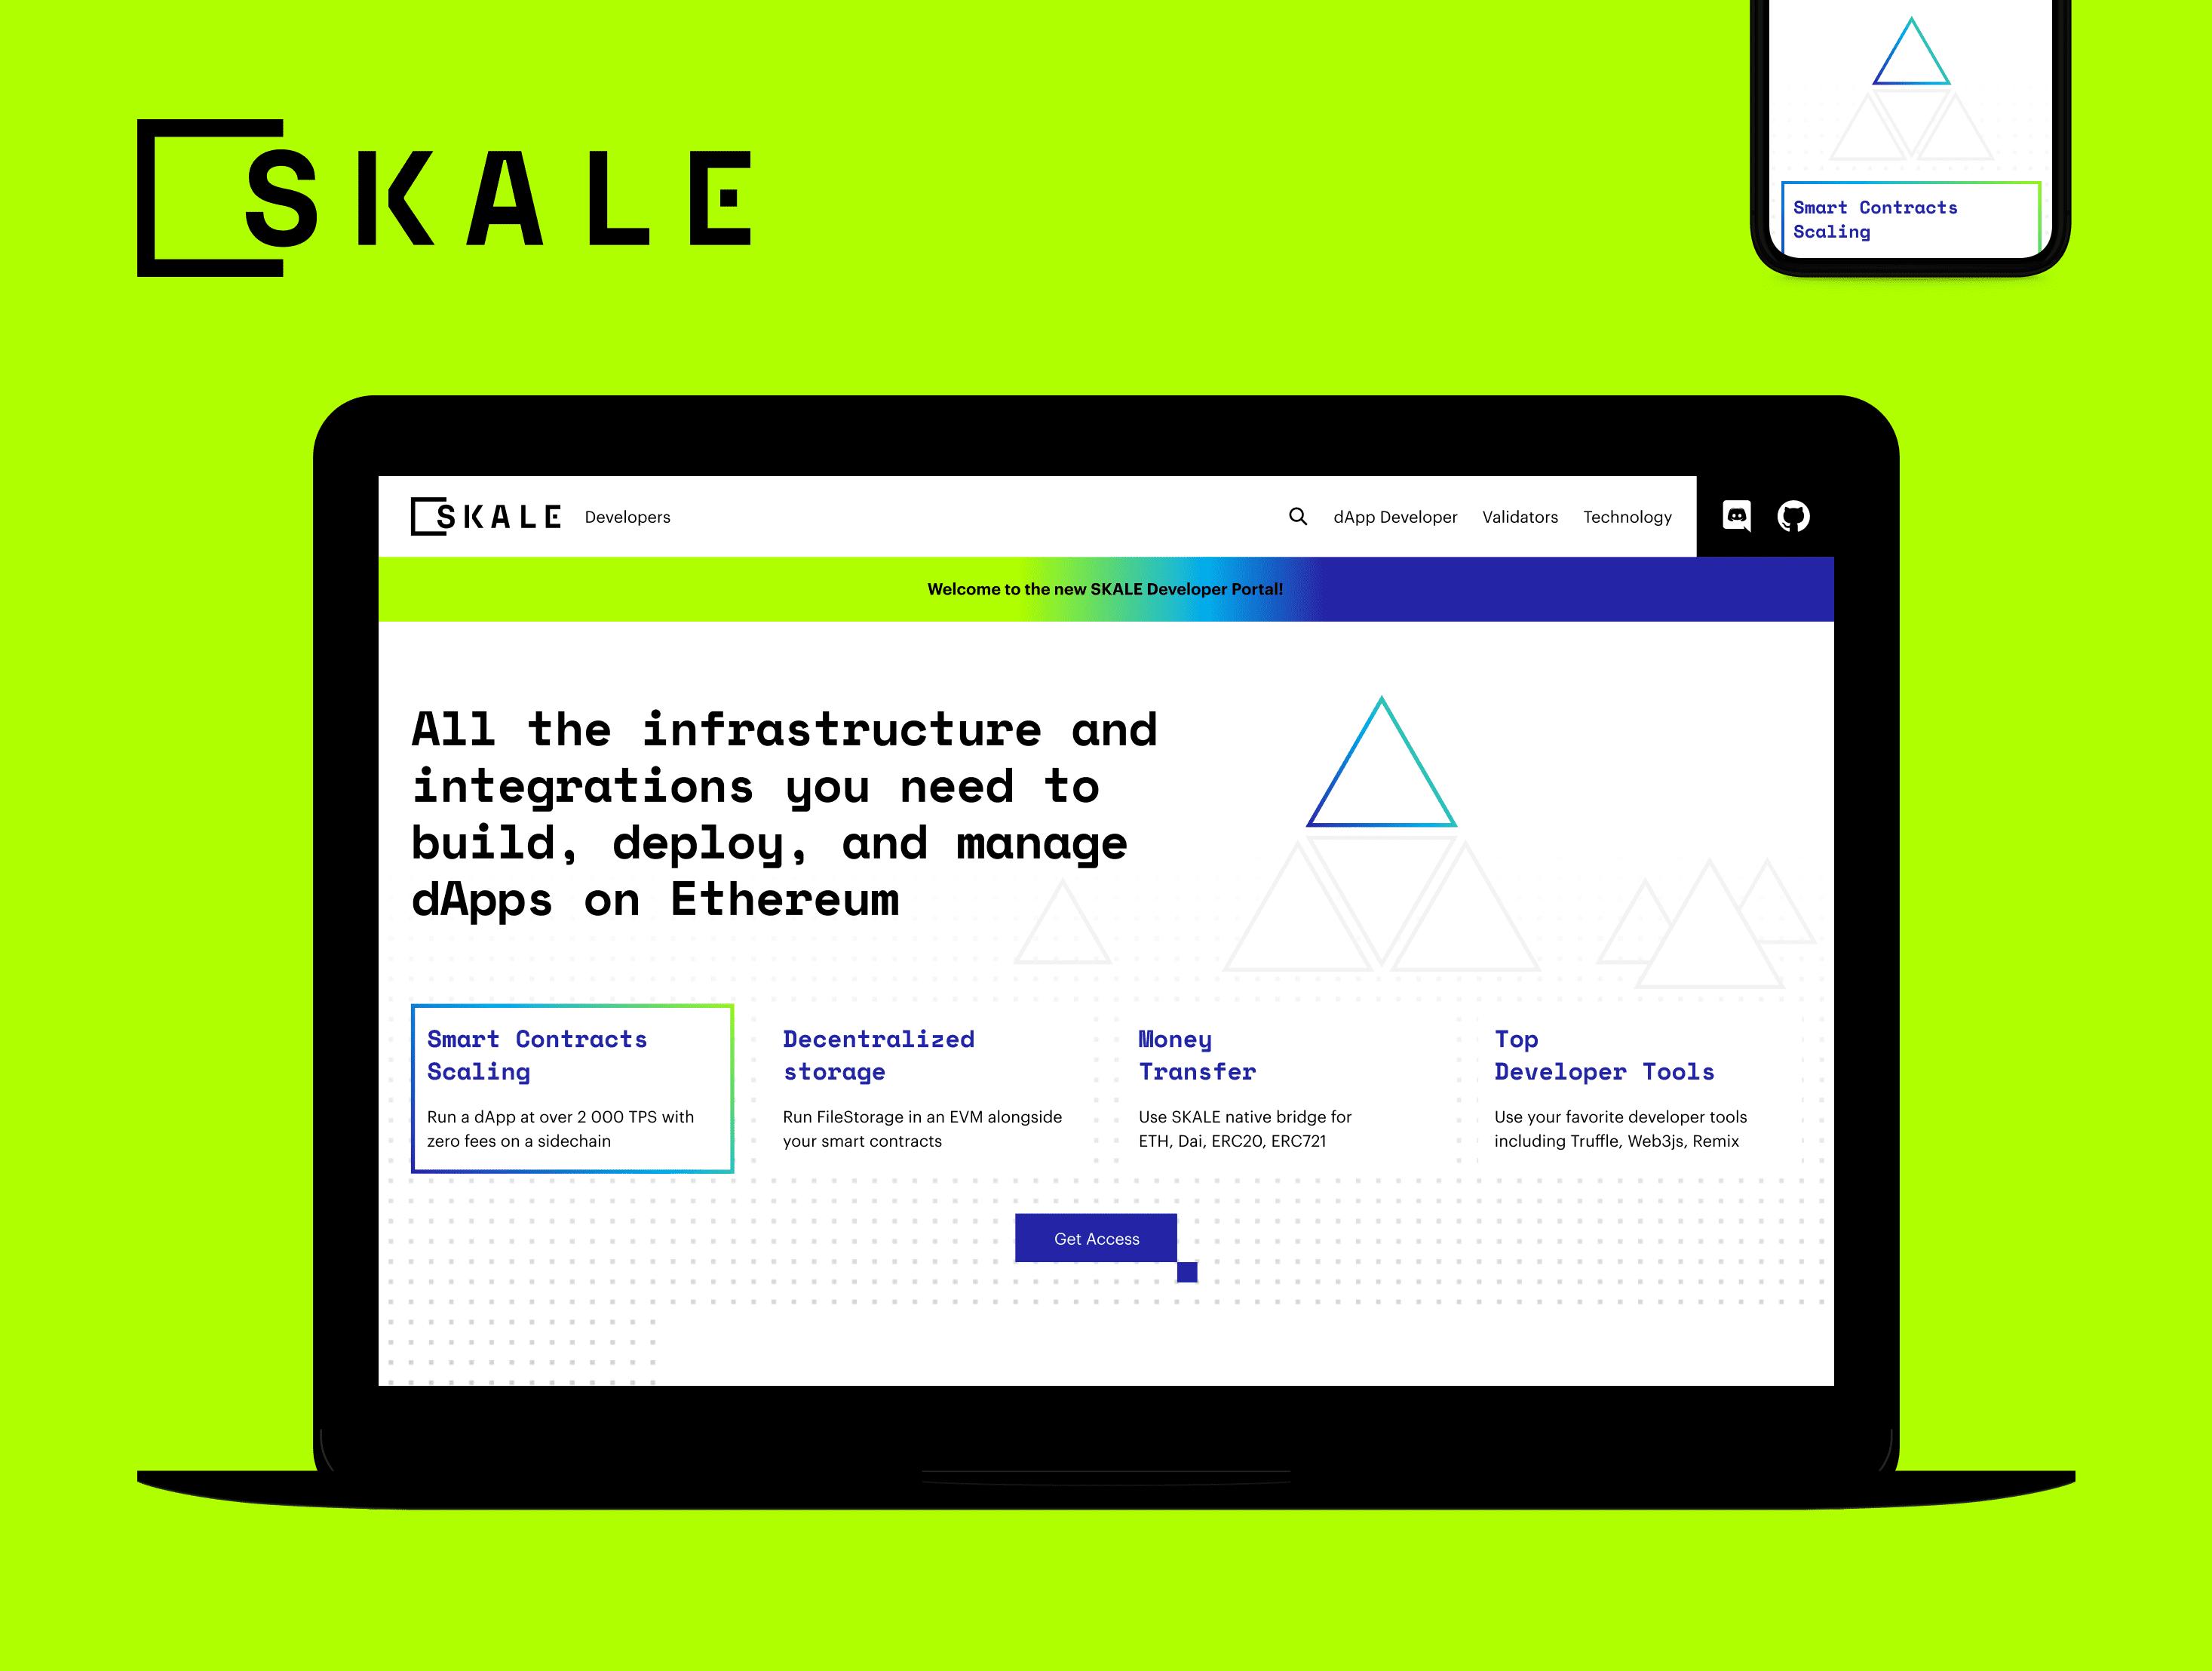 SKALE labs developers